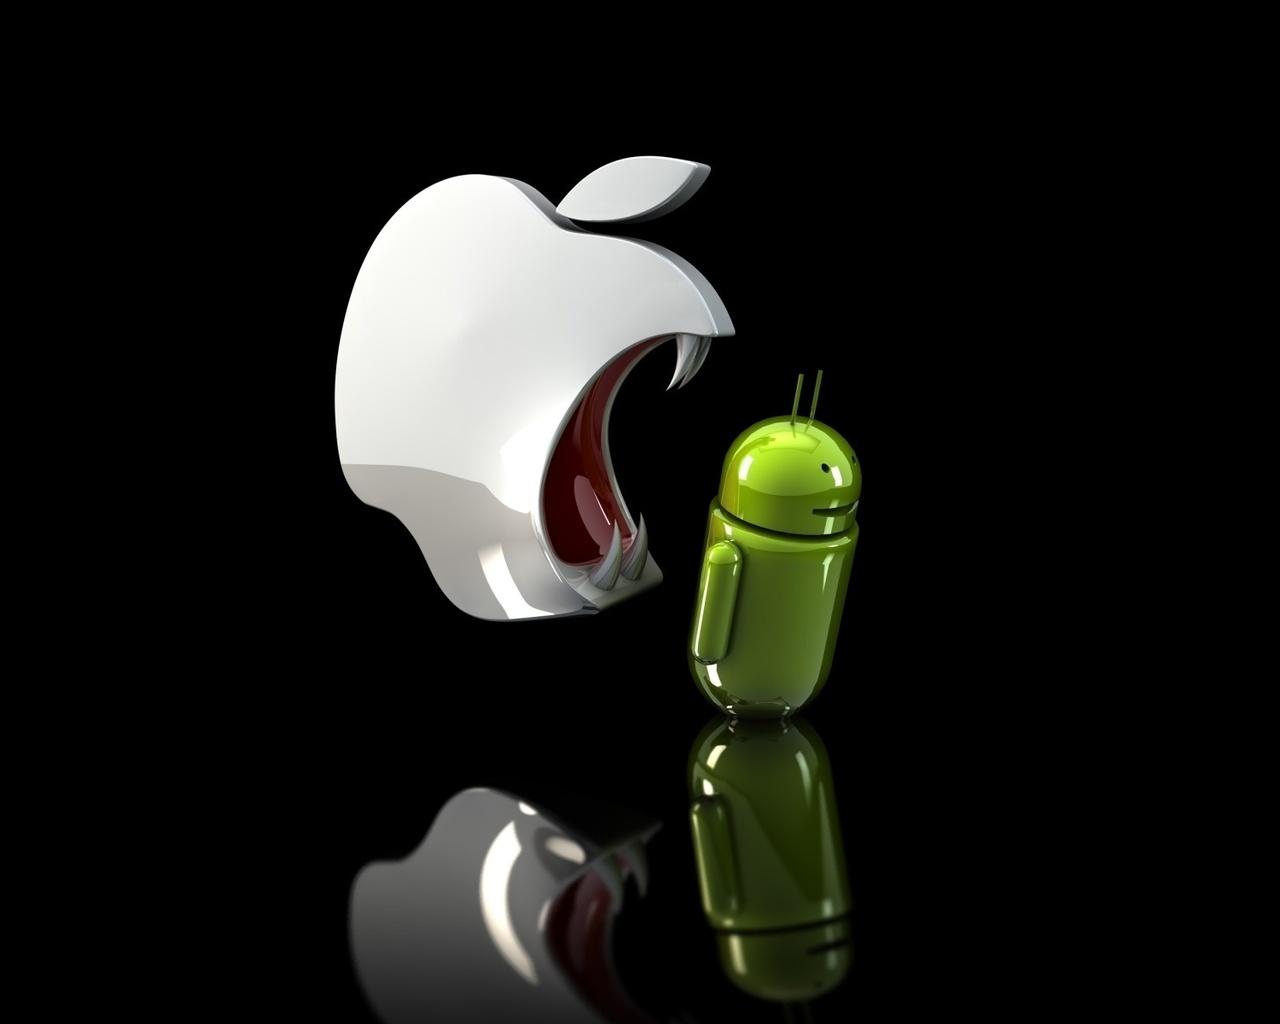 Картинка айфон ест андроид